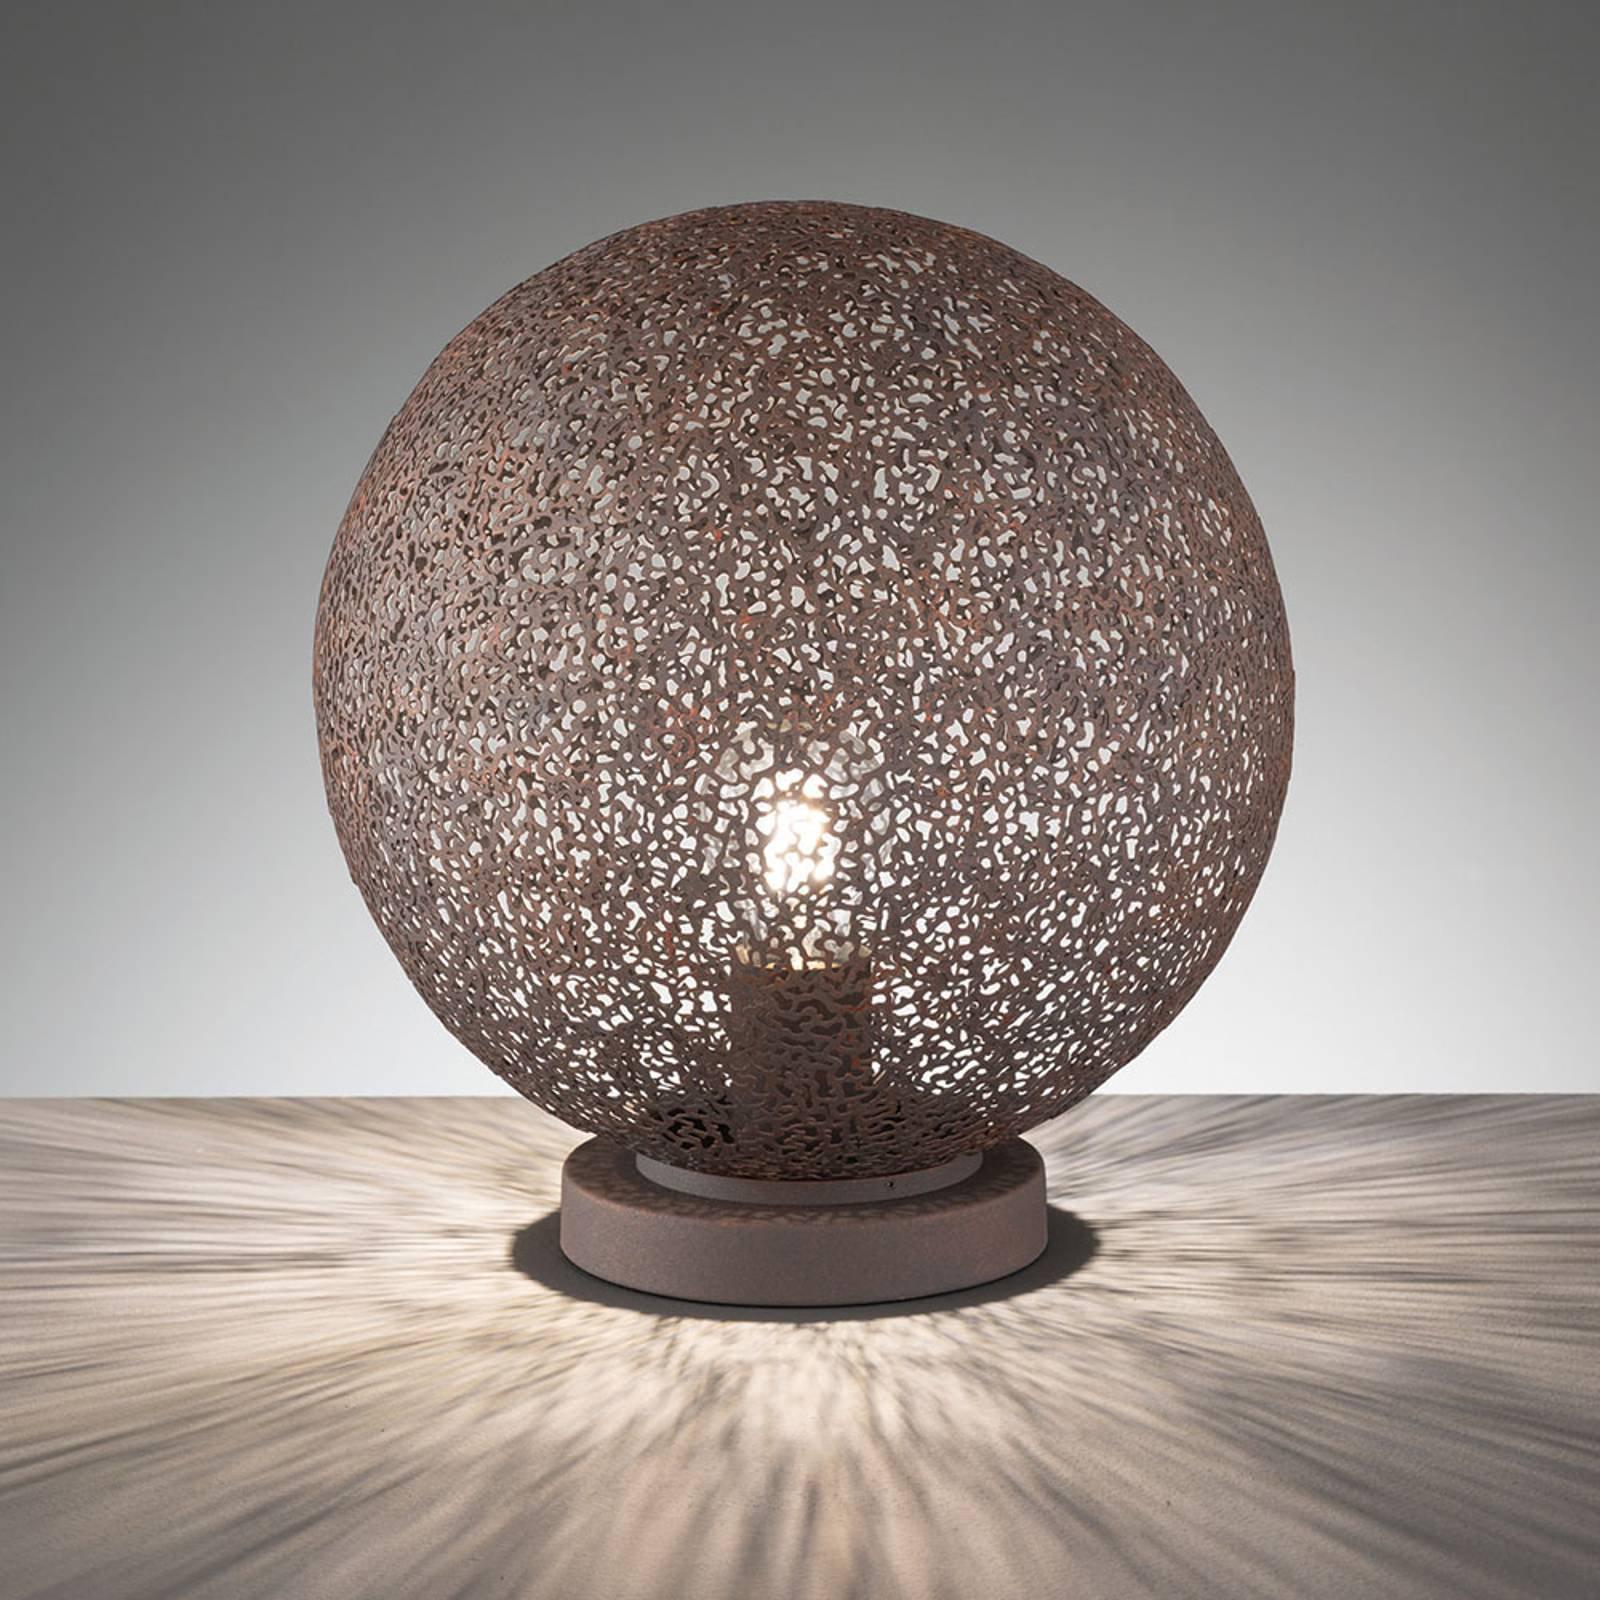 Bordlampe Willo, høyde 32,5 cm, Ø 30 cm